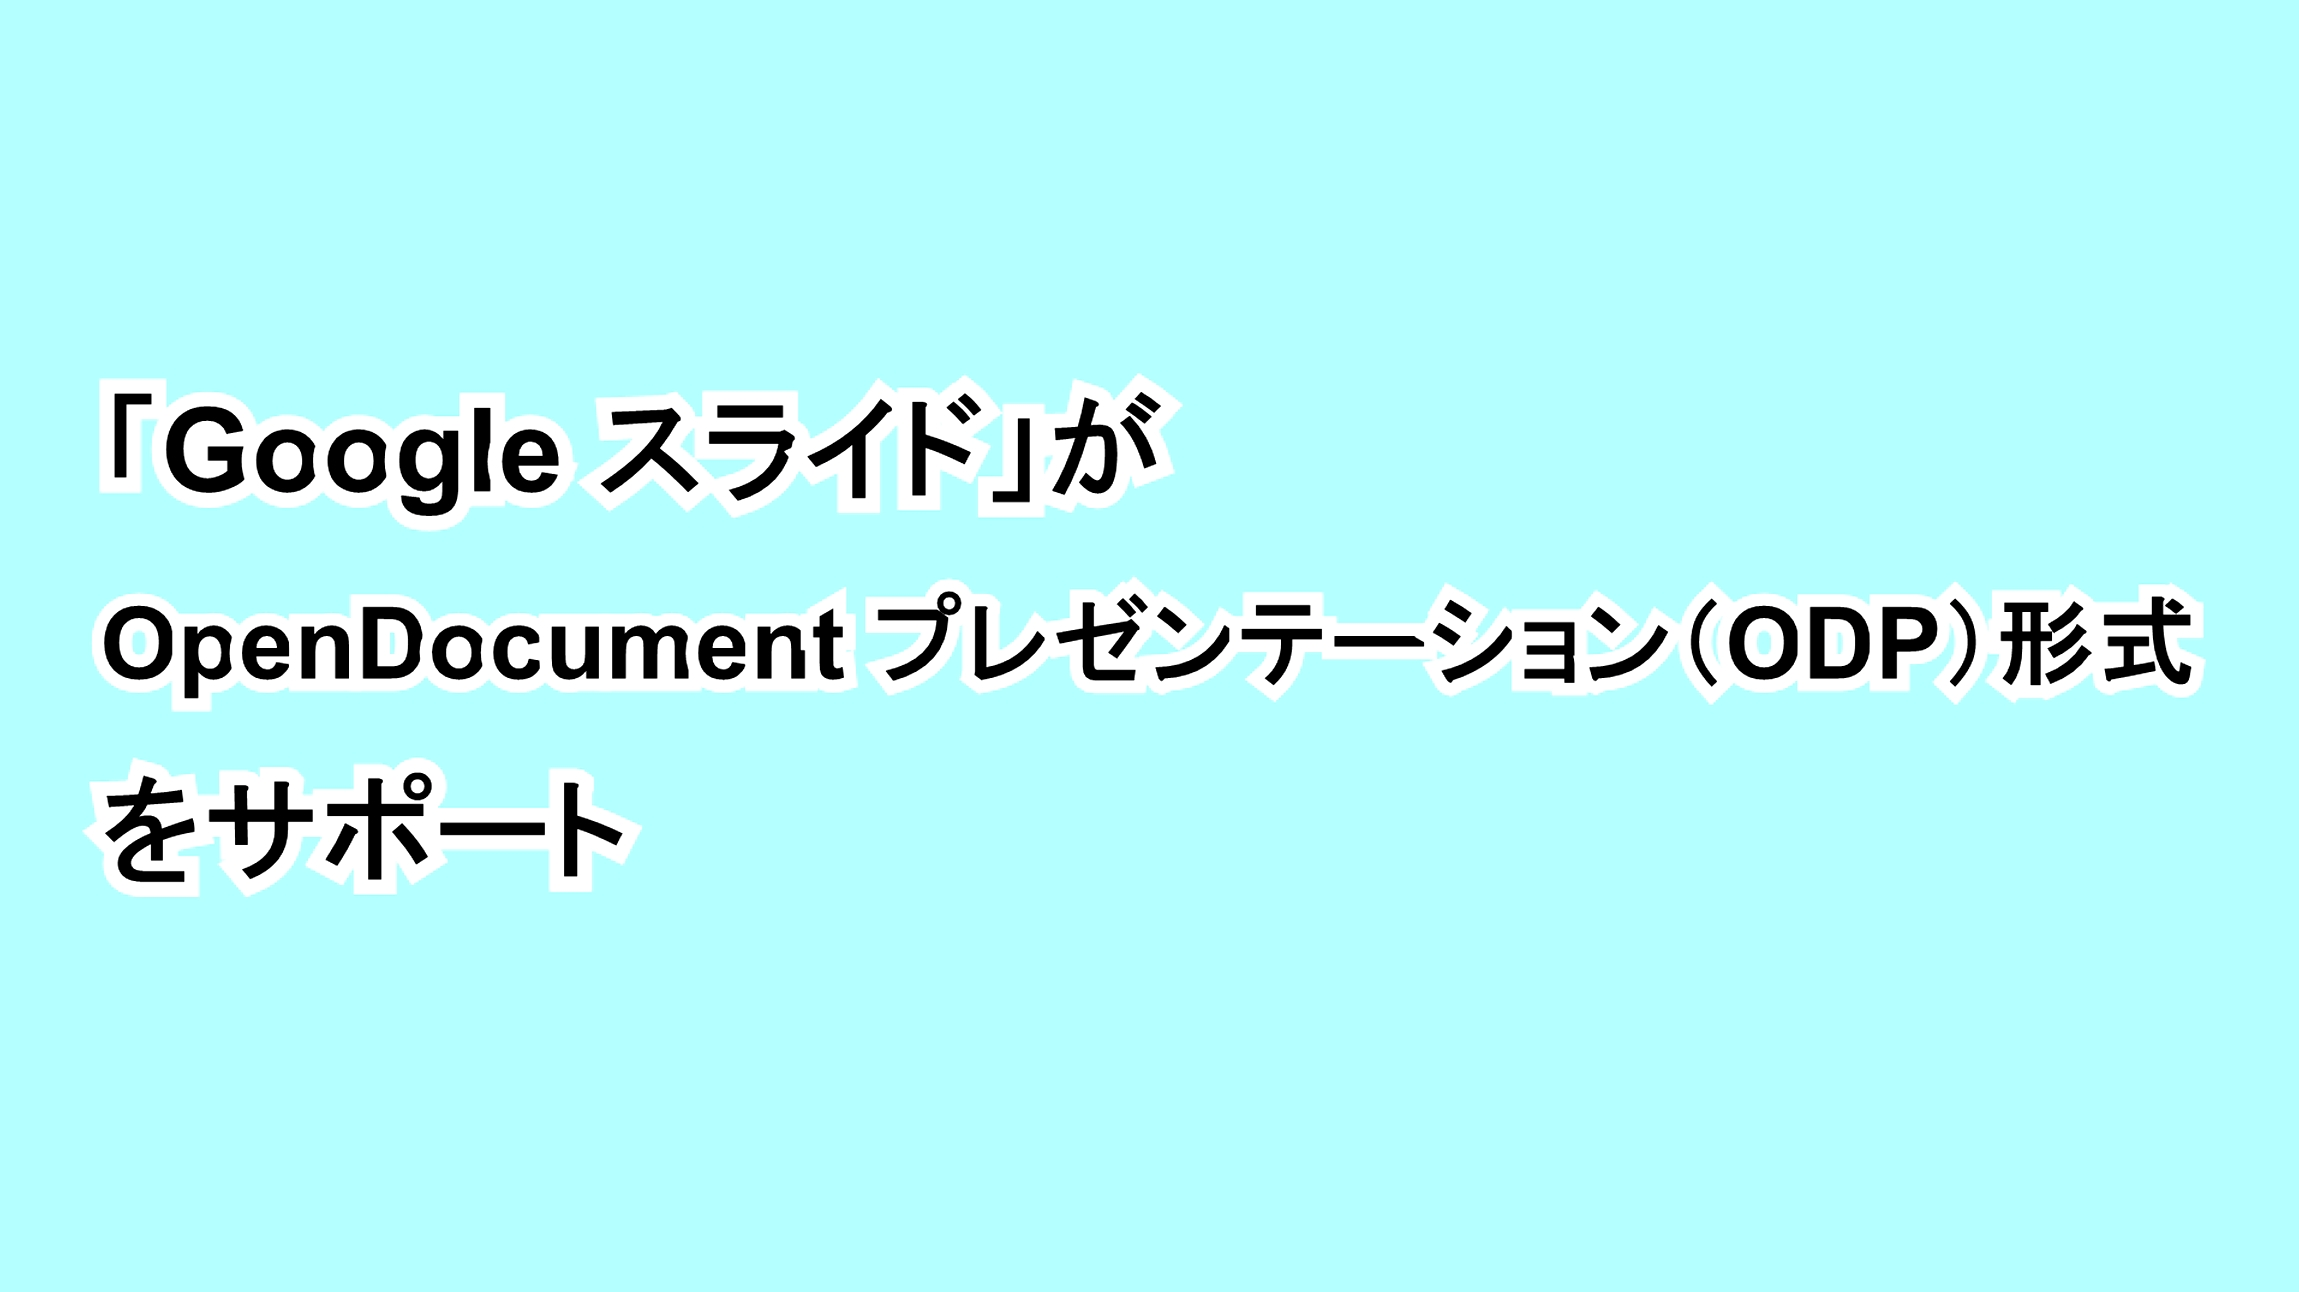 「Google スライド」がOpenDocumentプレゼンテーション(ODP)形式をサポート